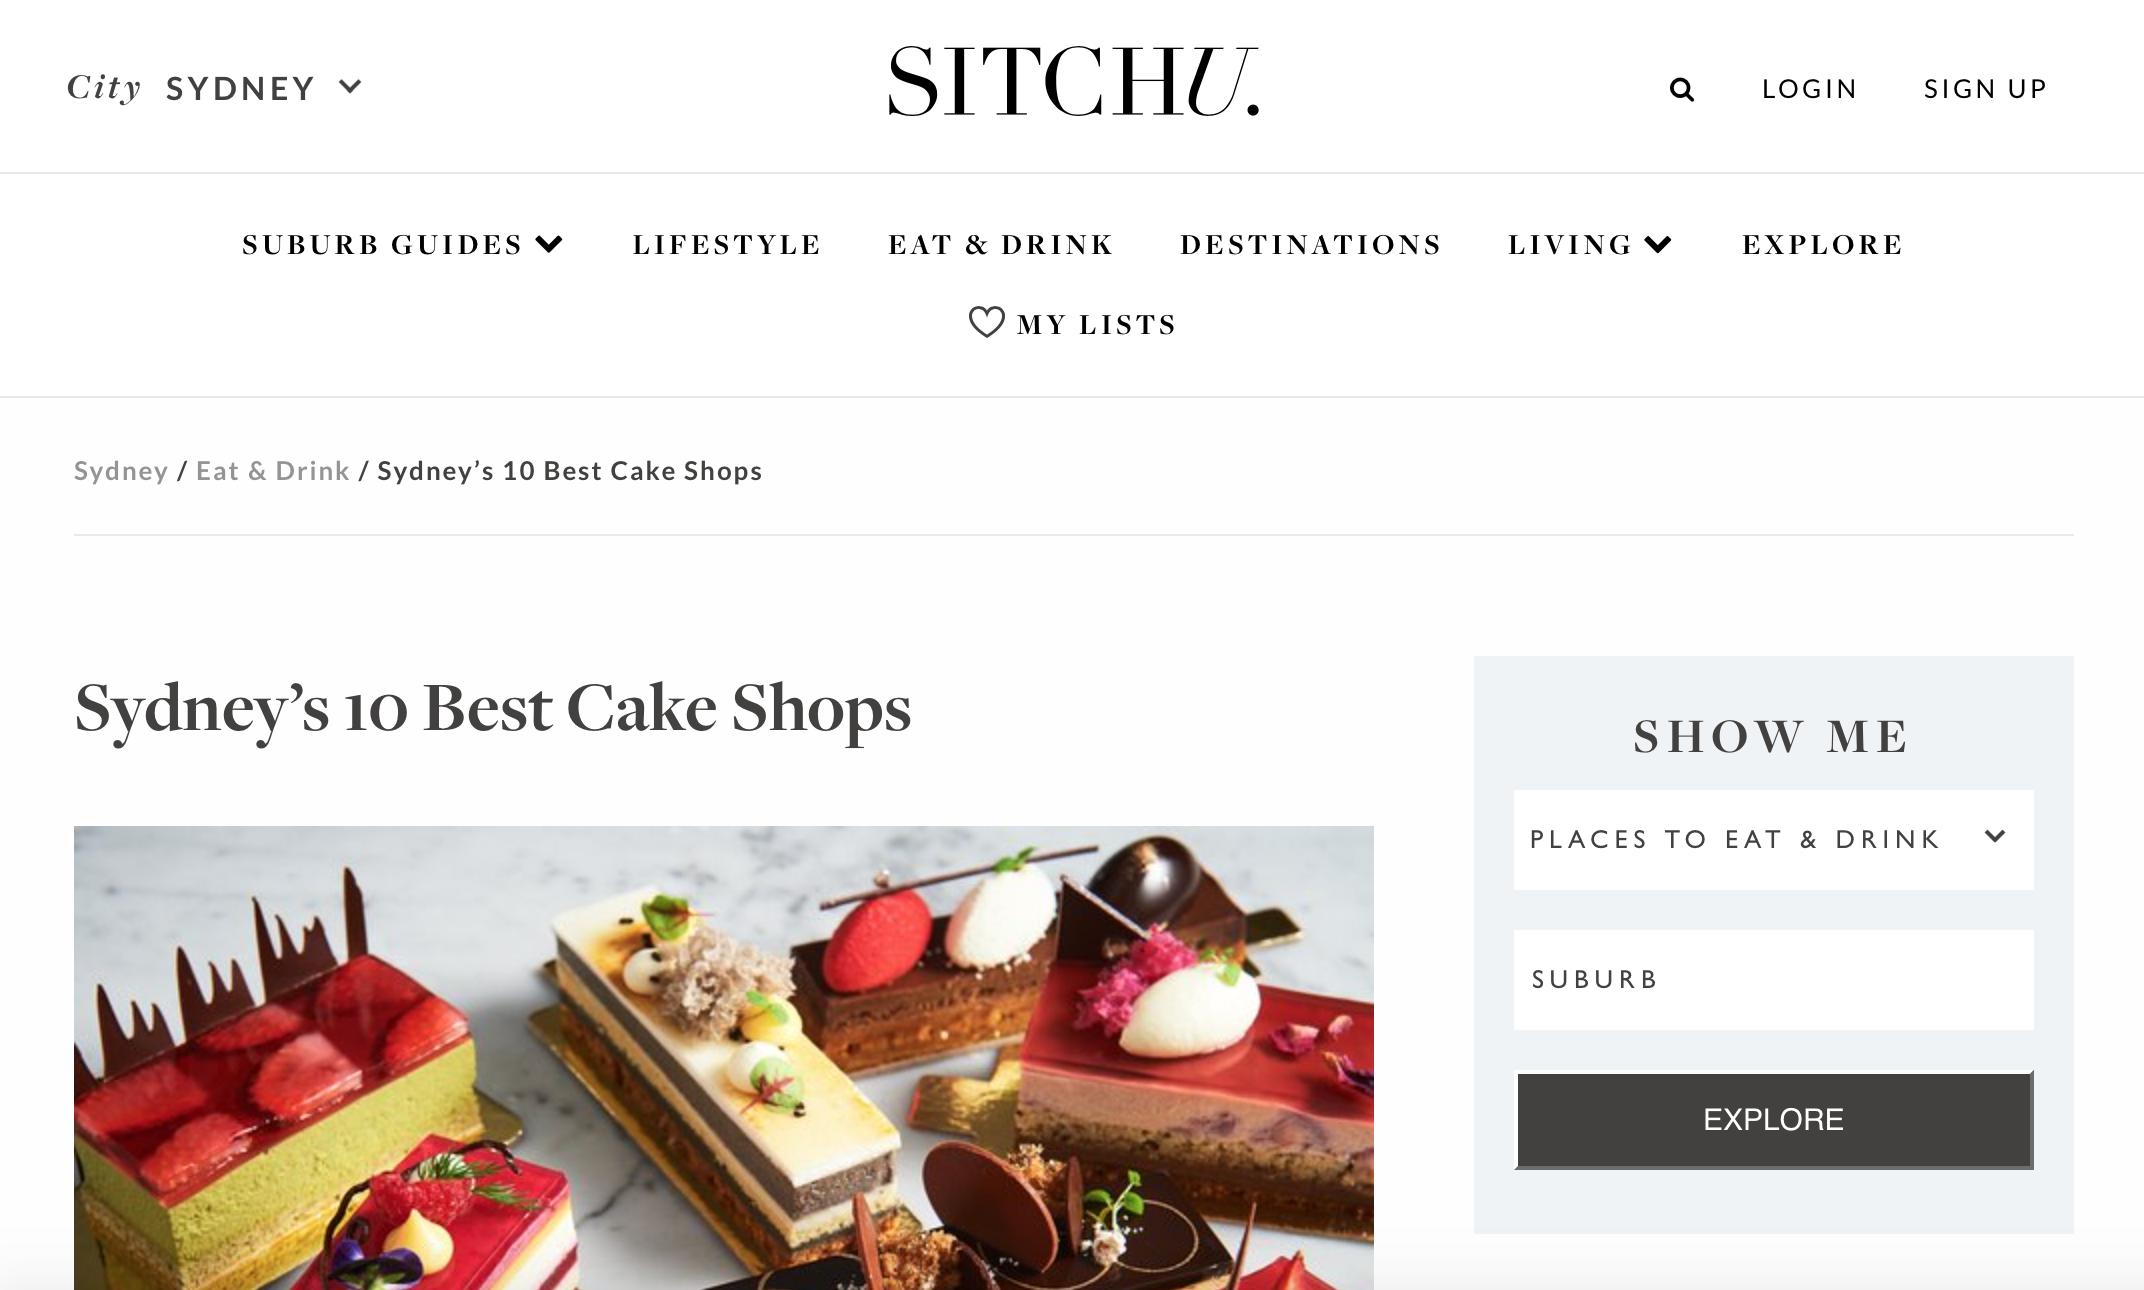 Sitchu: Sydney's 10 best Cake Shops